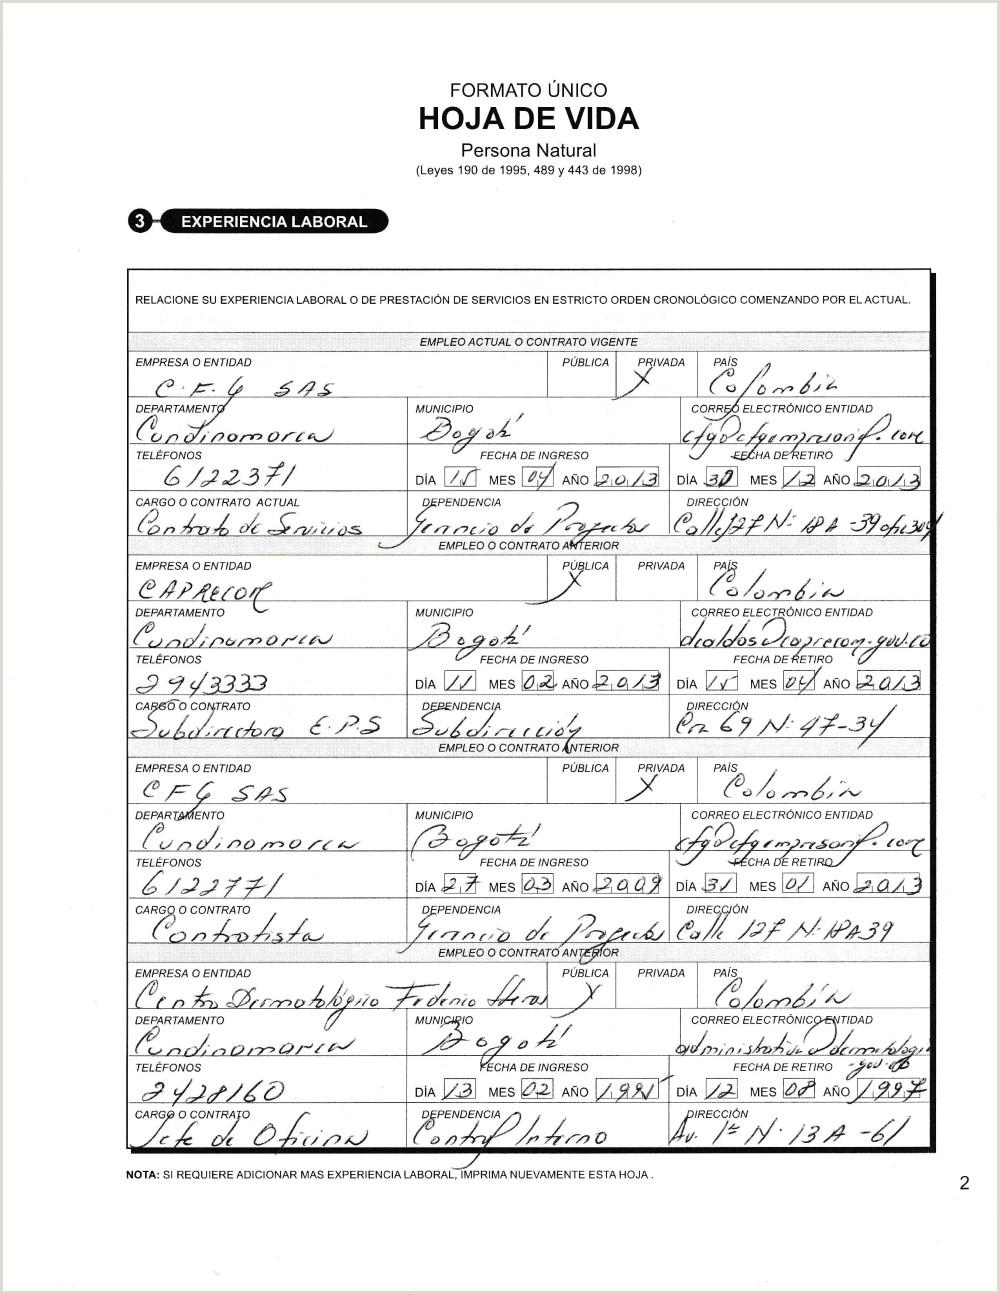 Formato Hoja De Vida De La Funcion Publica Documentos Funci³n Pºblica